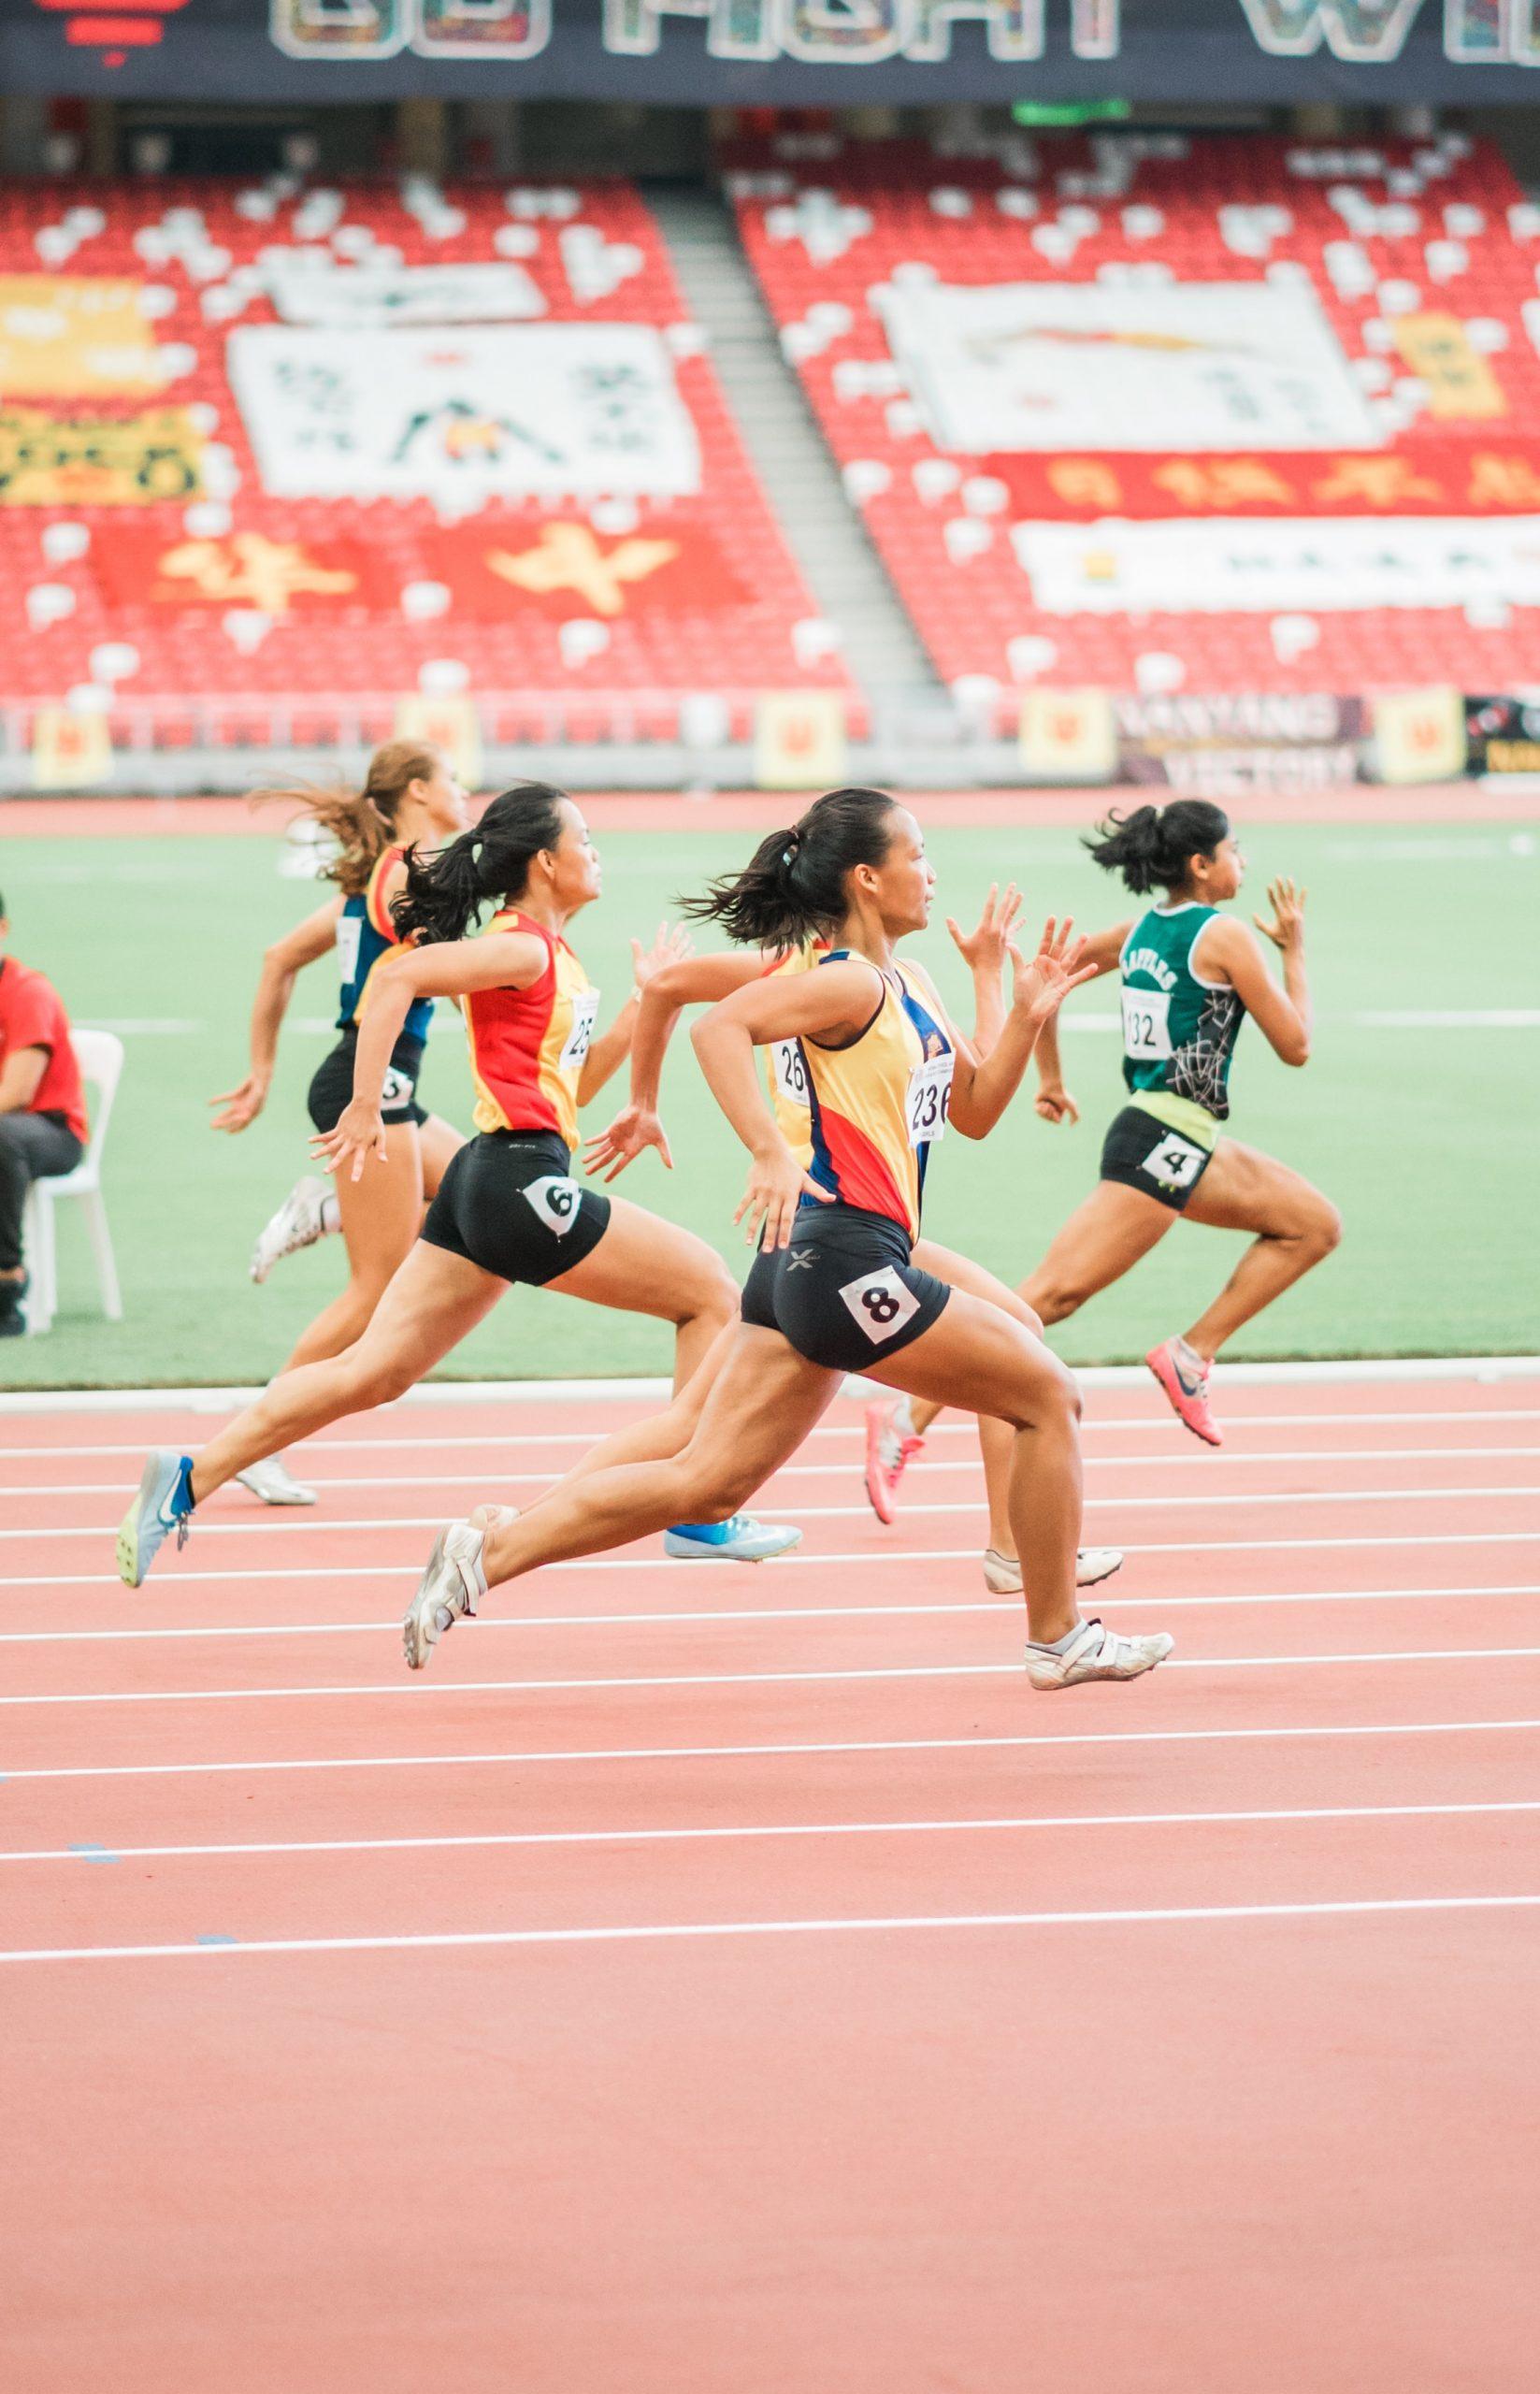 fotografi per eventi sportivi